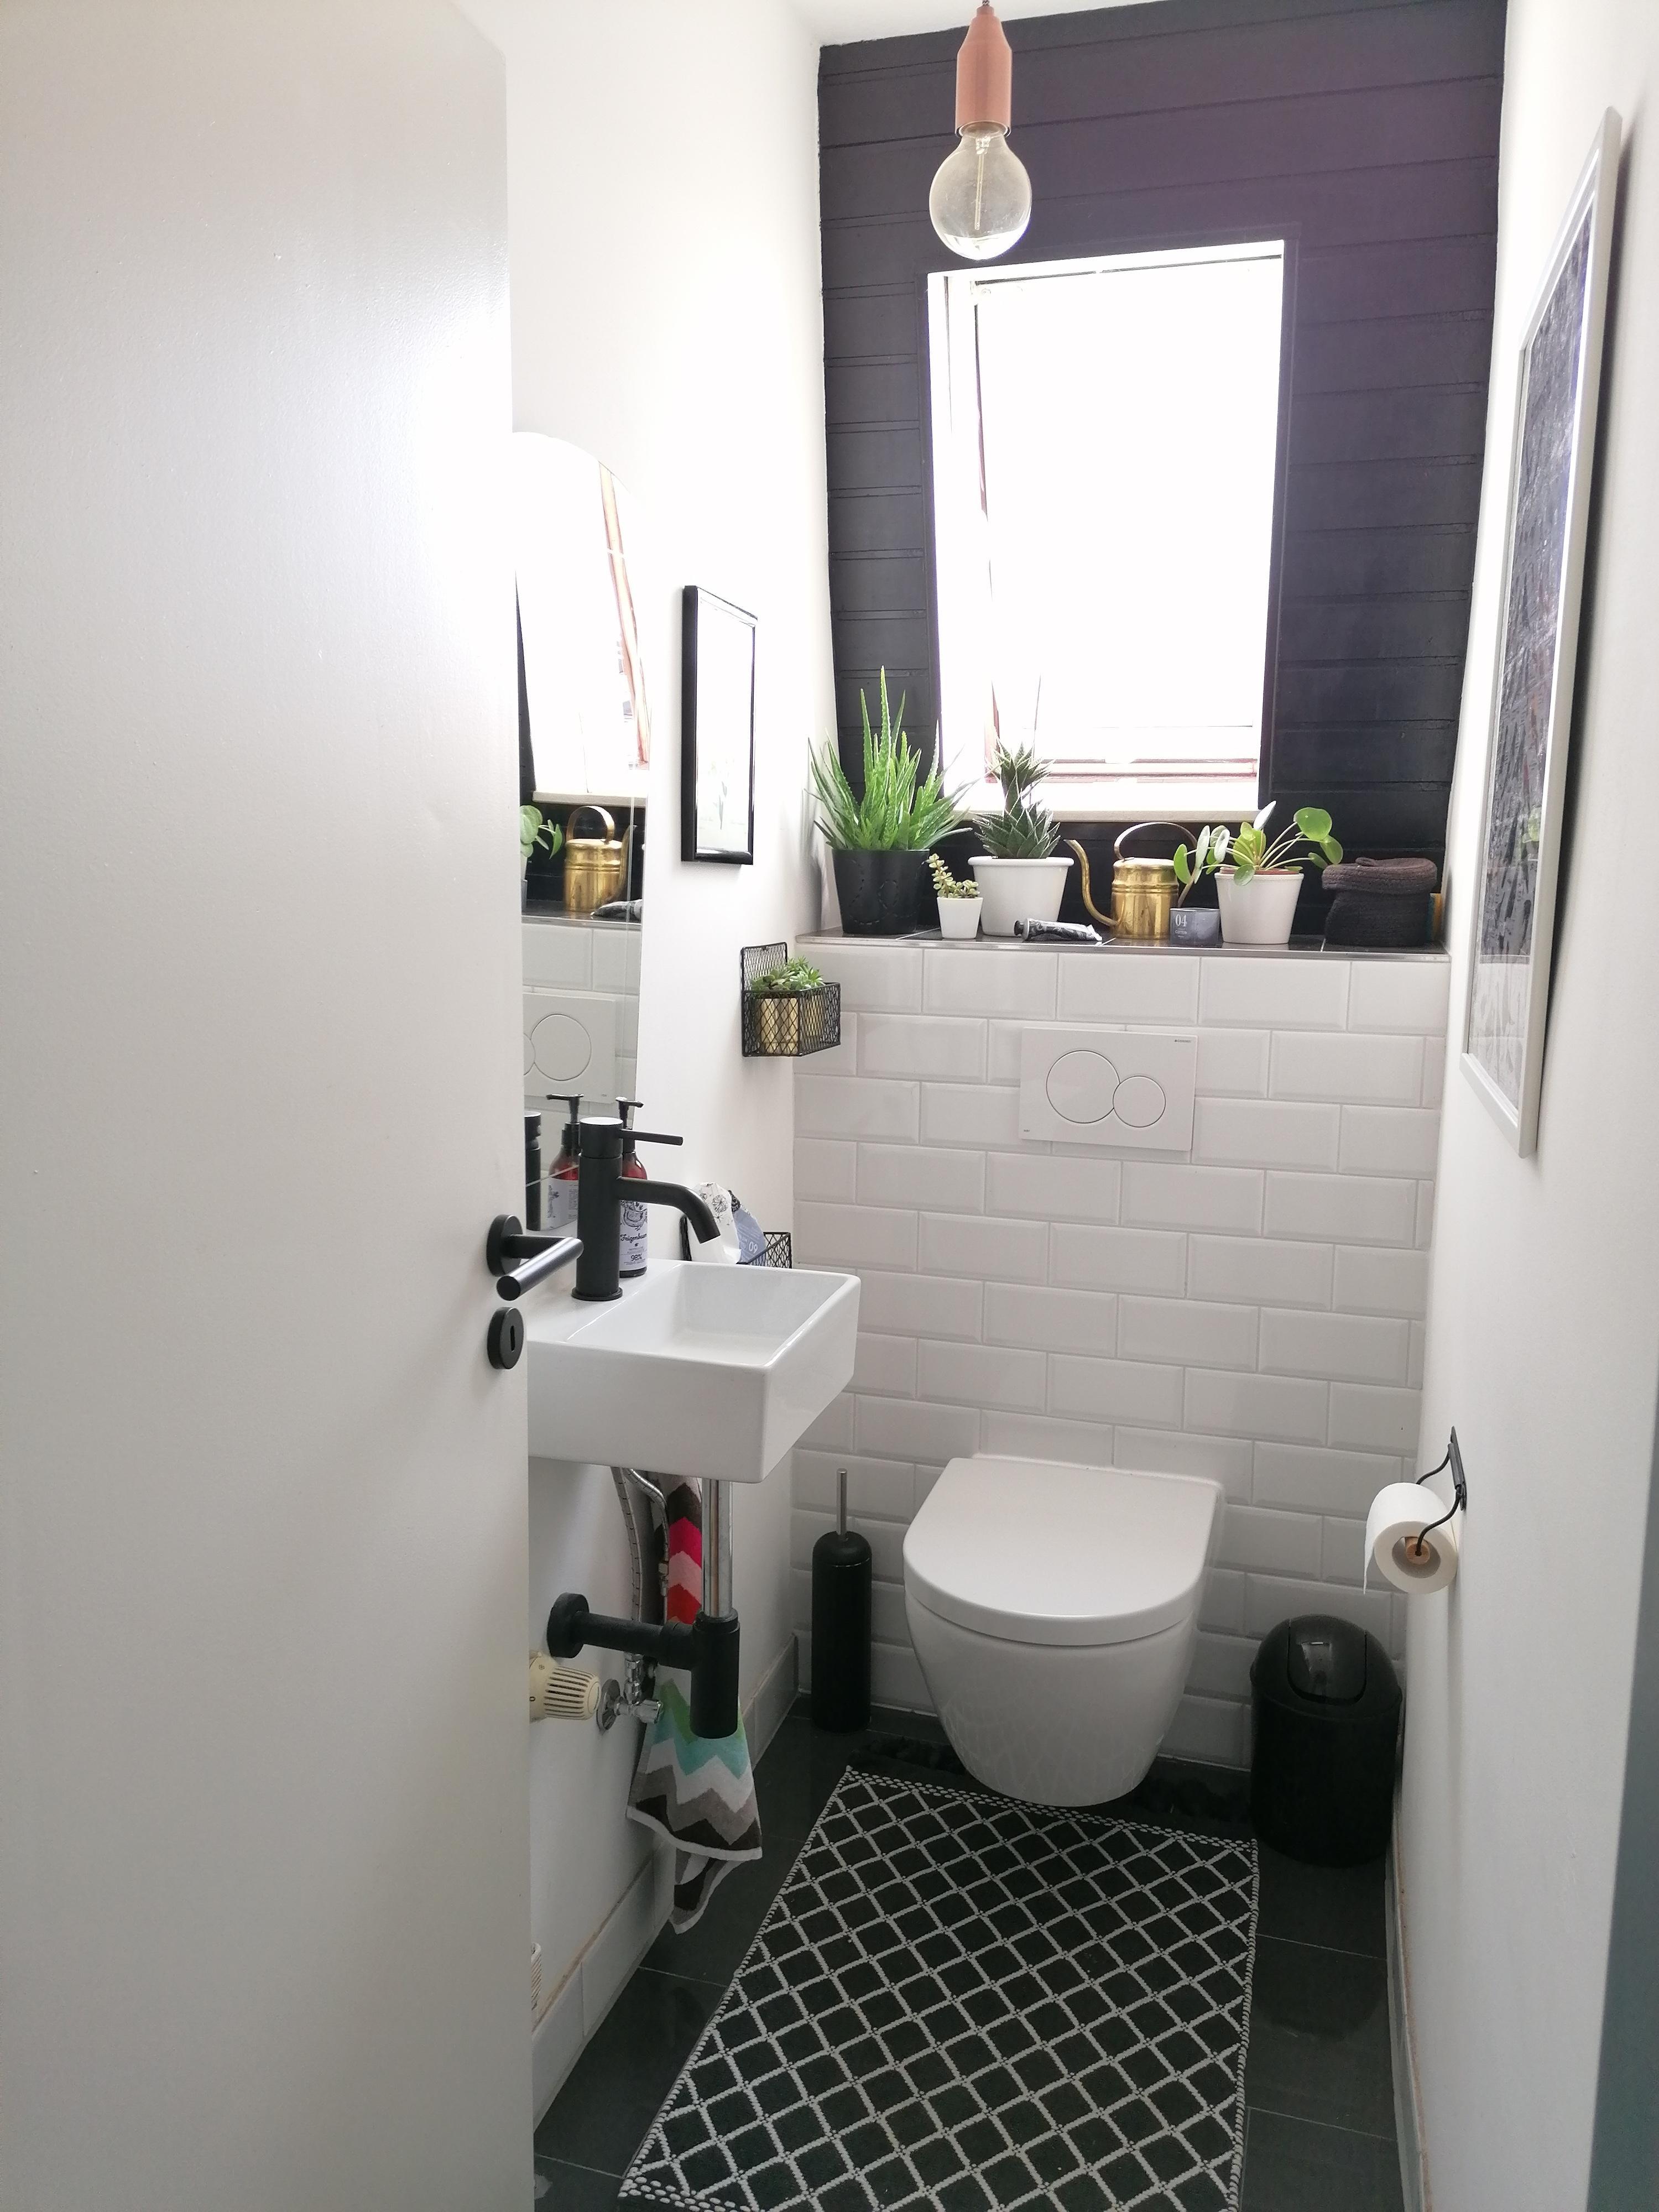 Gäste-WC gestalten: Einladend statt nüchtern, so geht\'s!